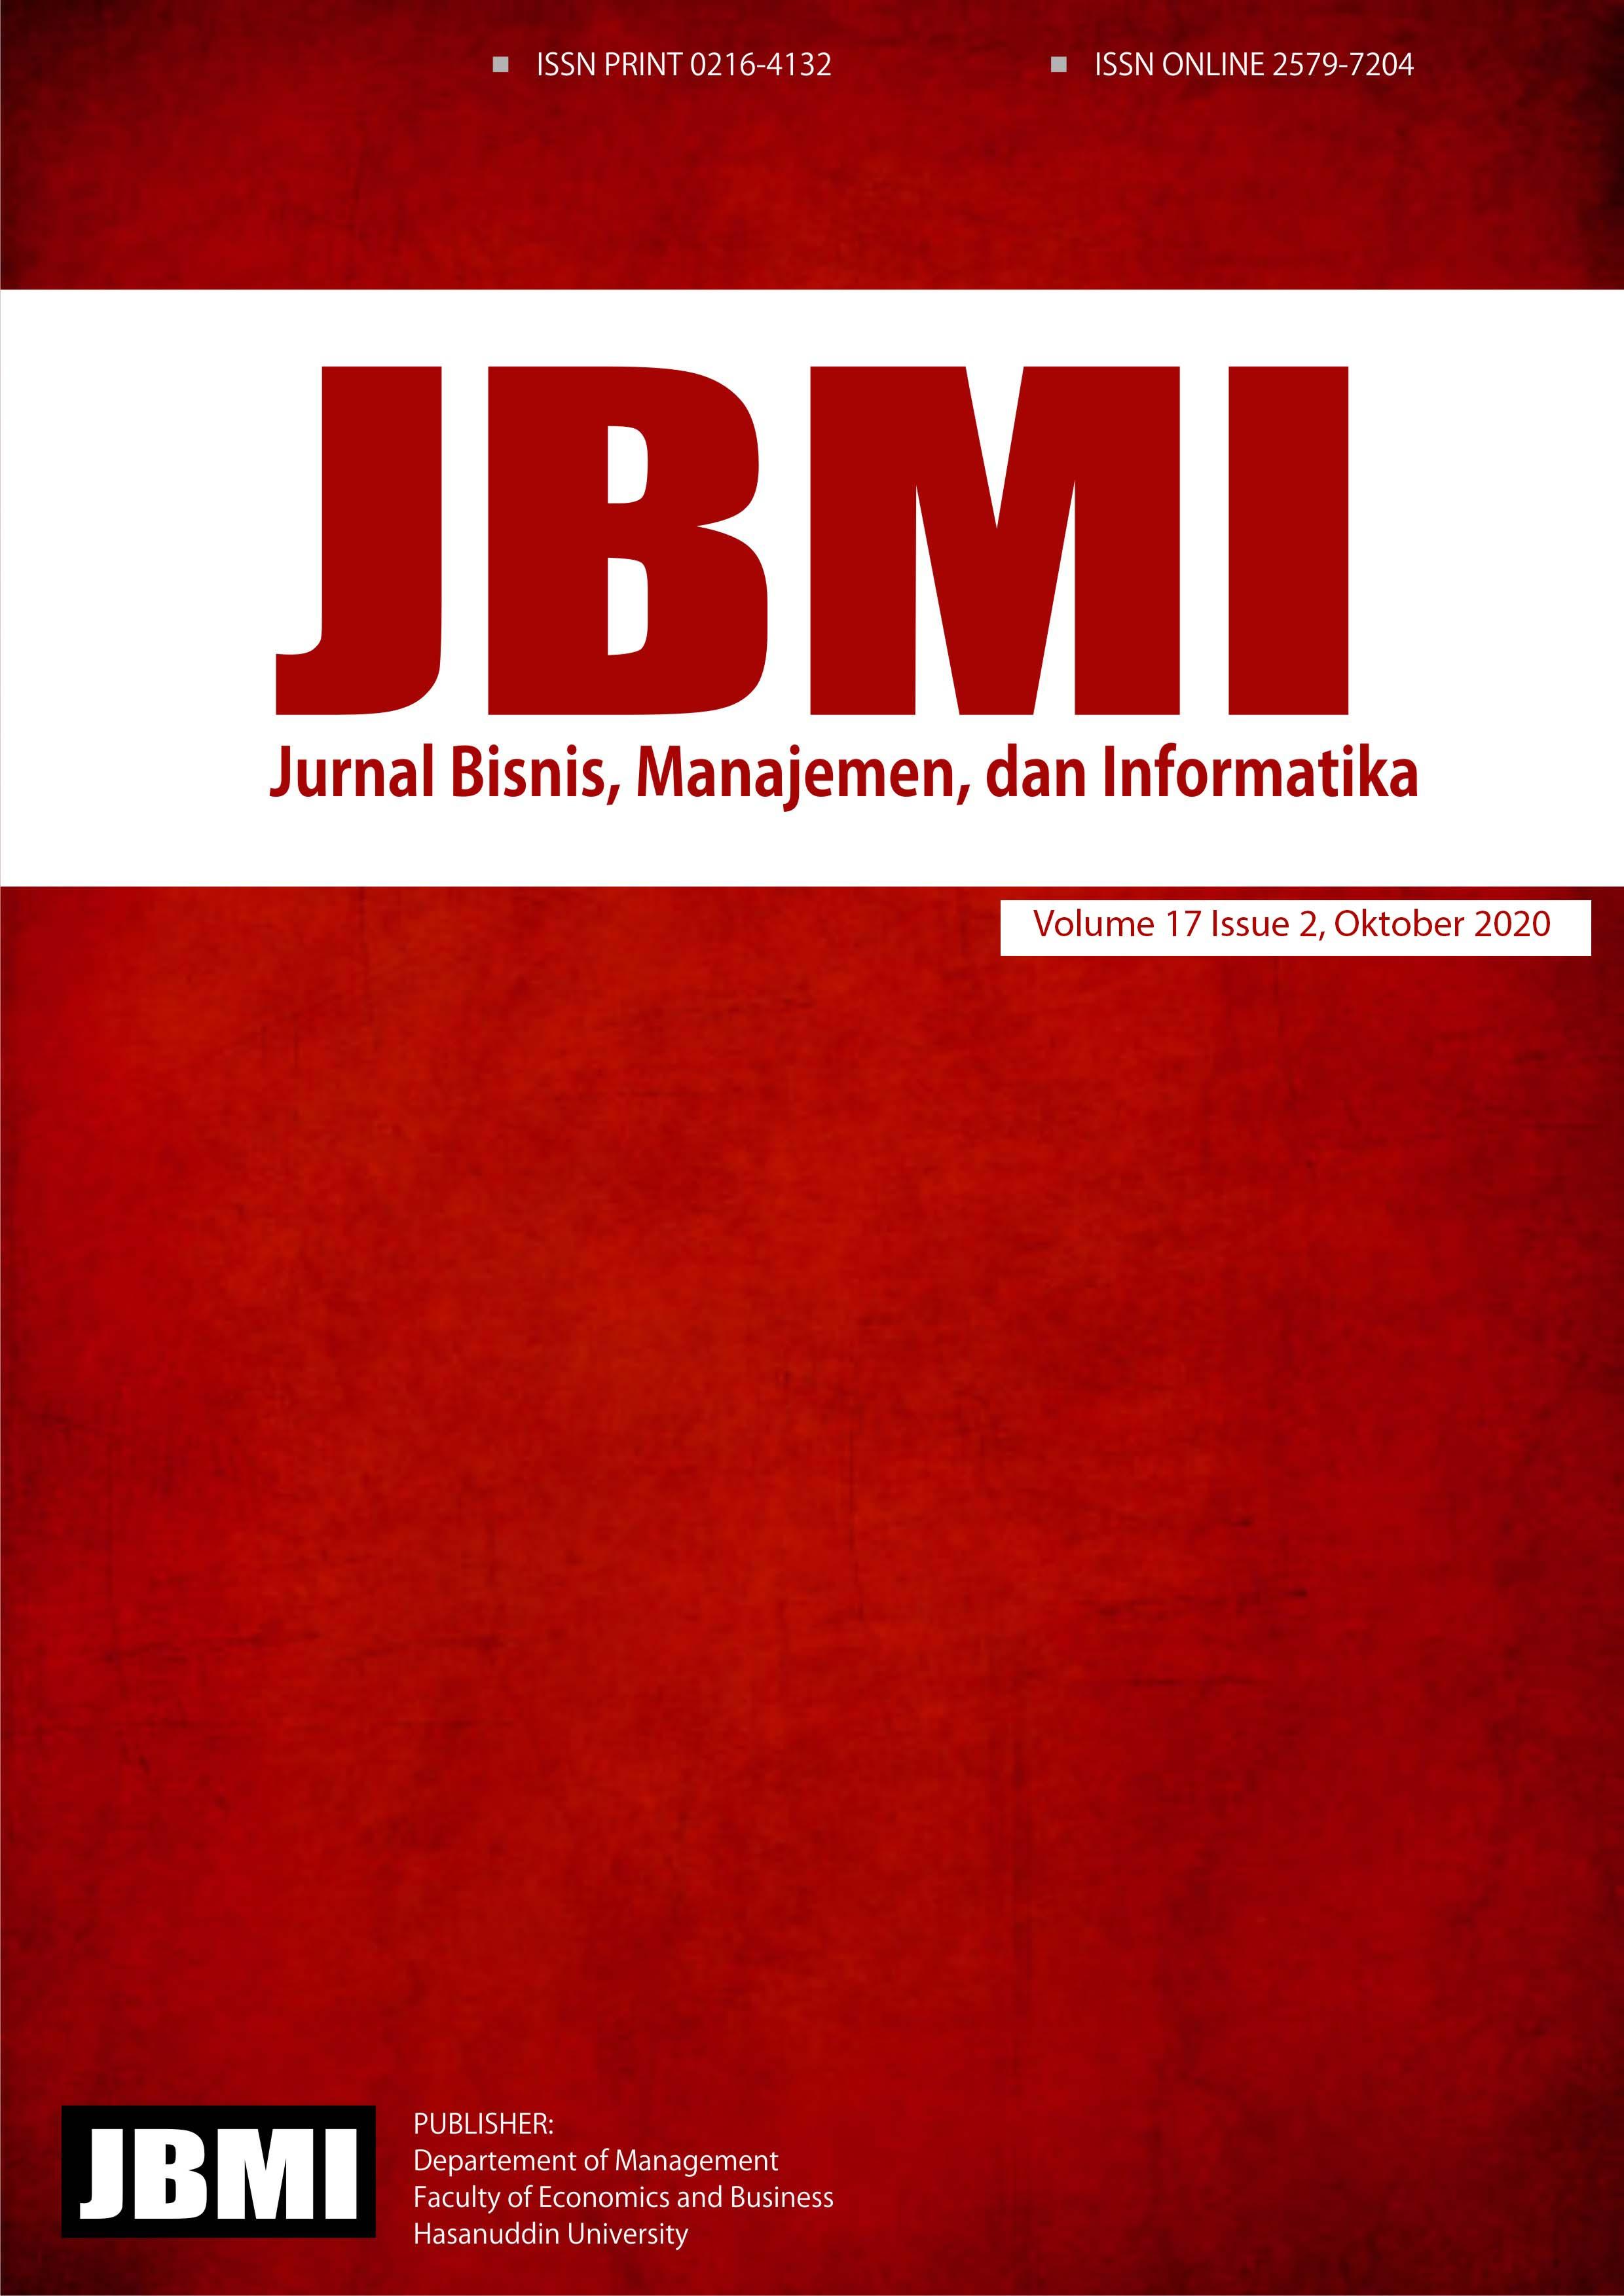 Jurnal Bisnis, manajemen dan Informatika cover